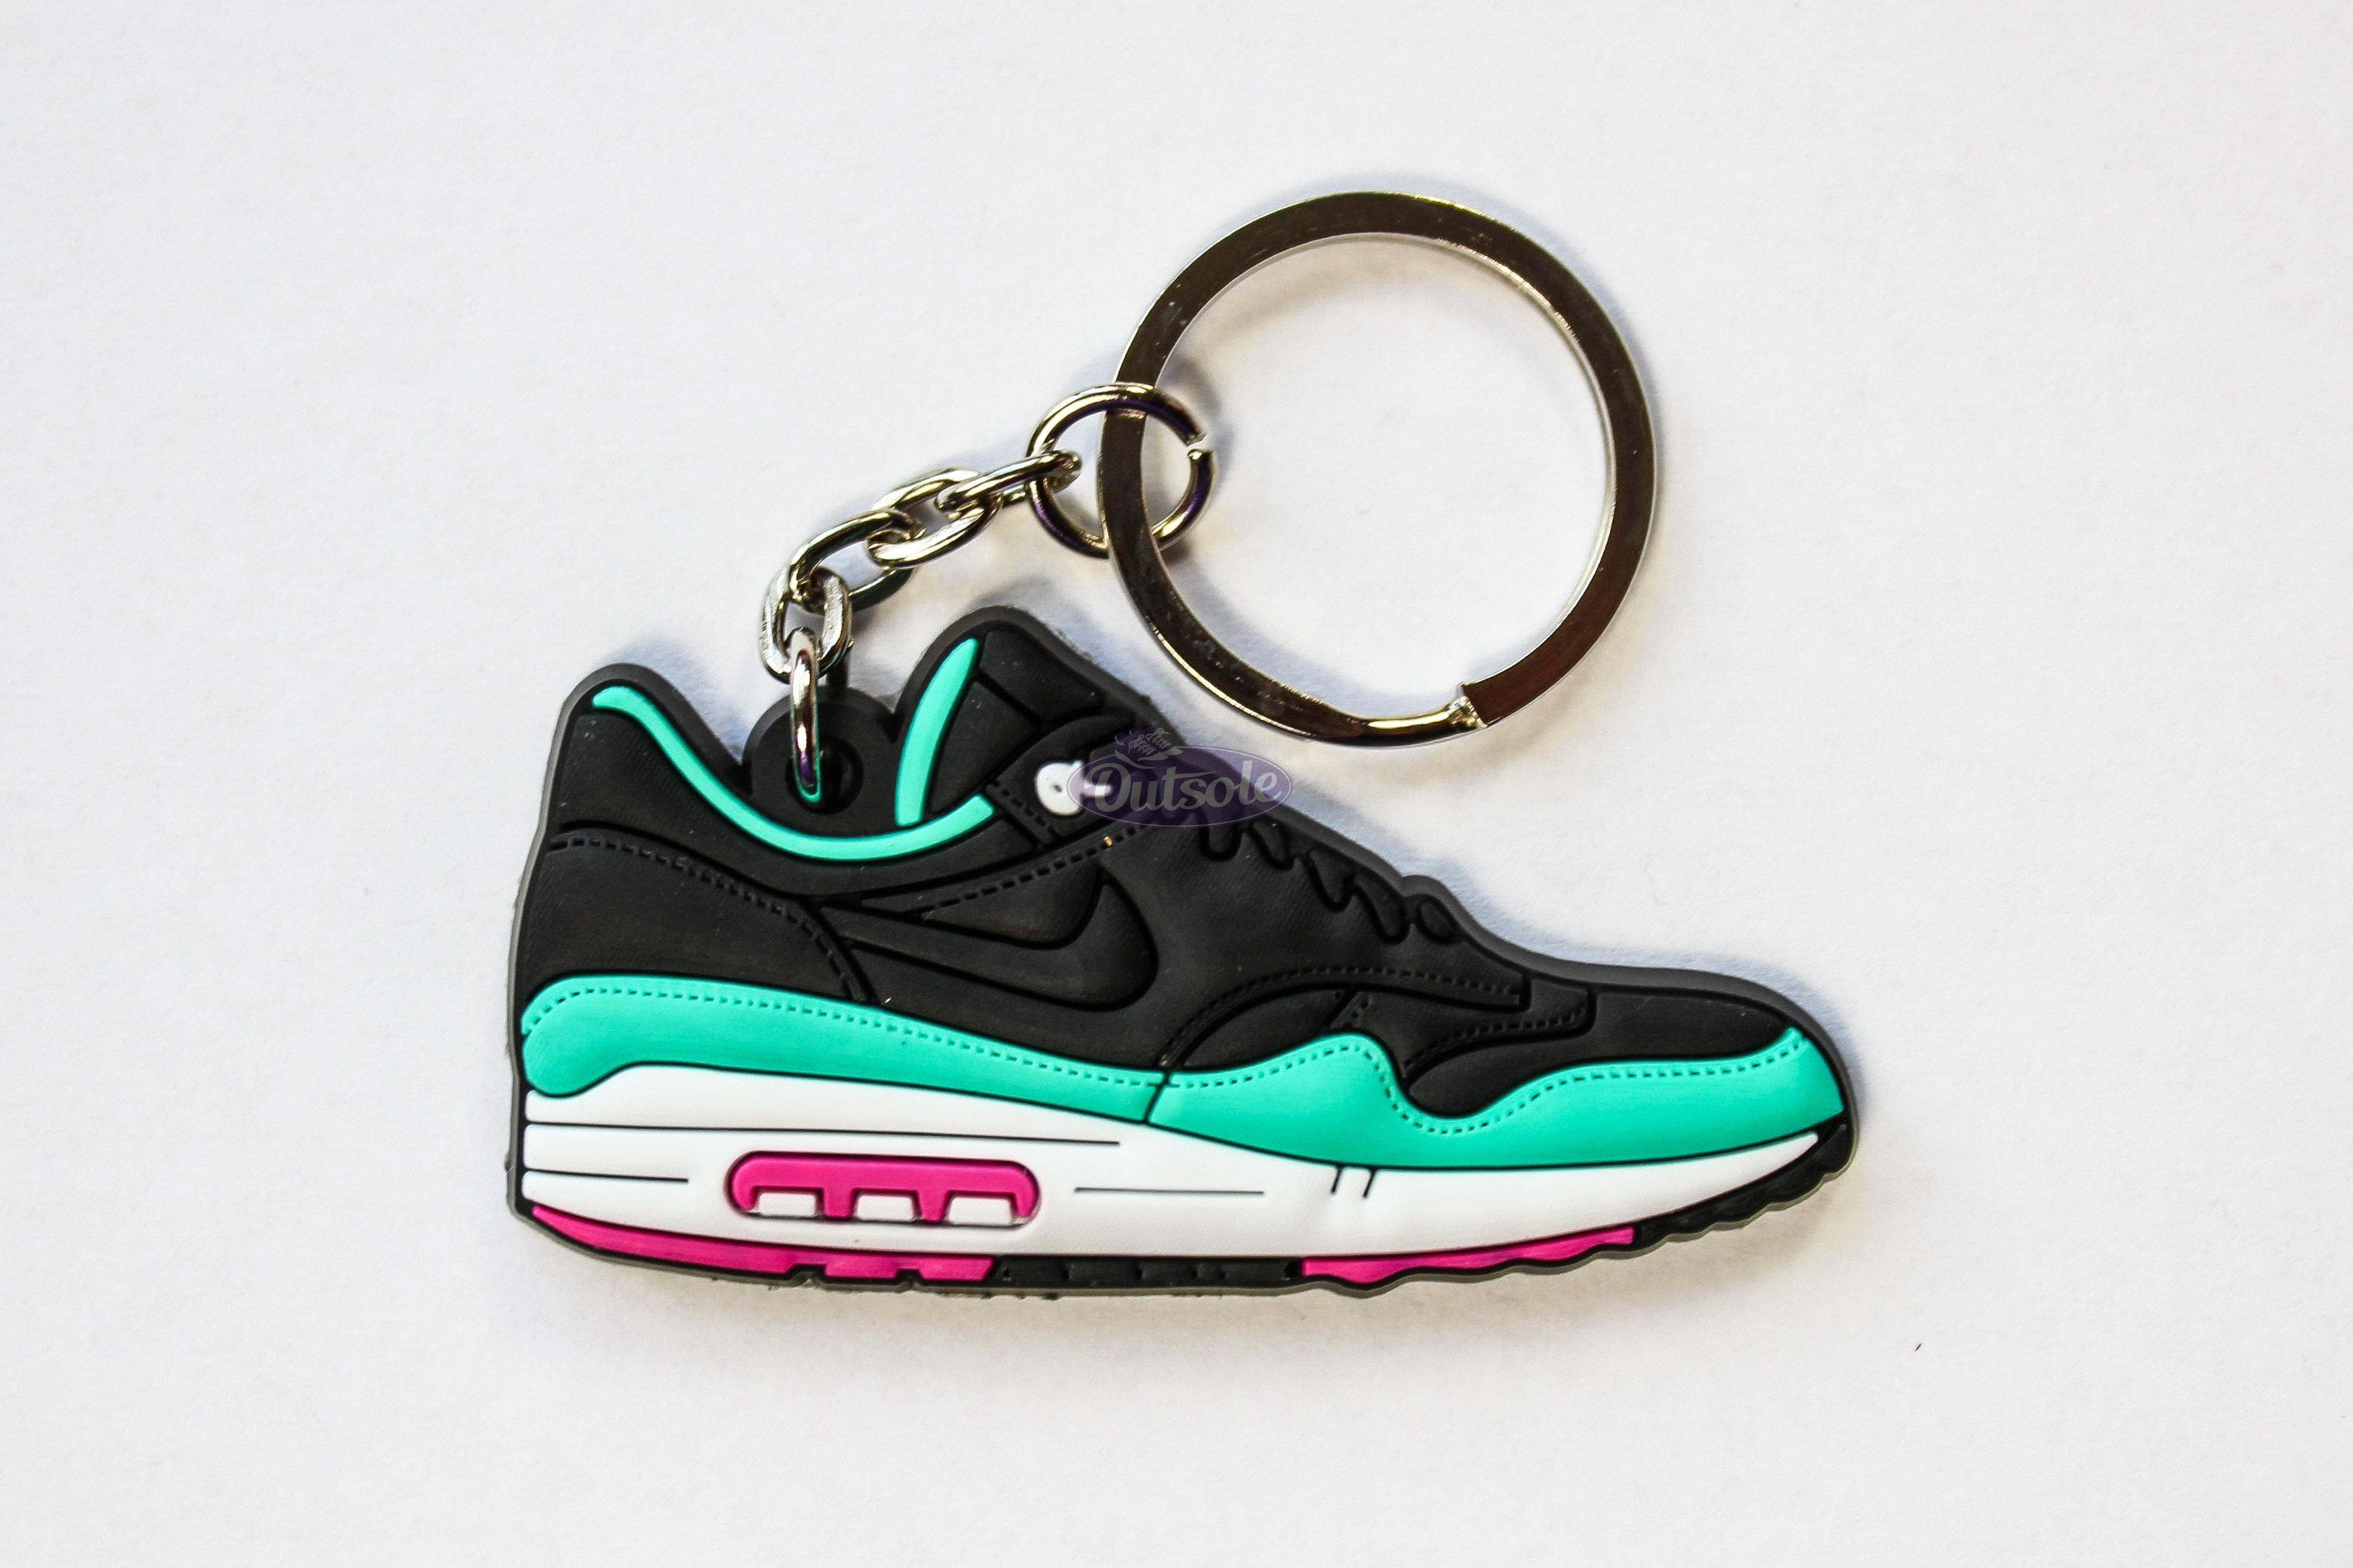 low priced ab982 91cc9 ... Nike Air Max 1 FB Yeezy keychain. FB Yeezy keychain